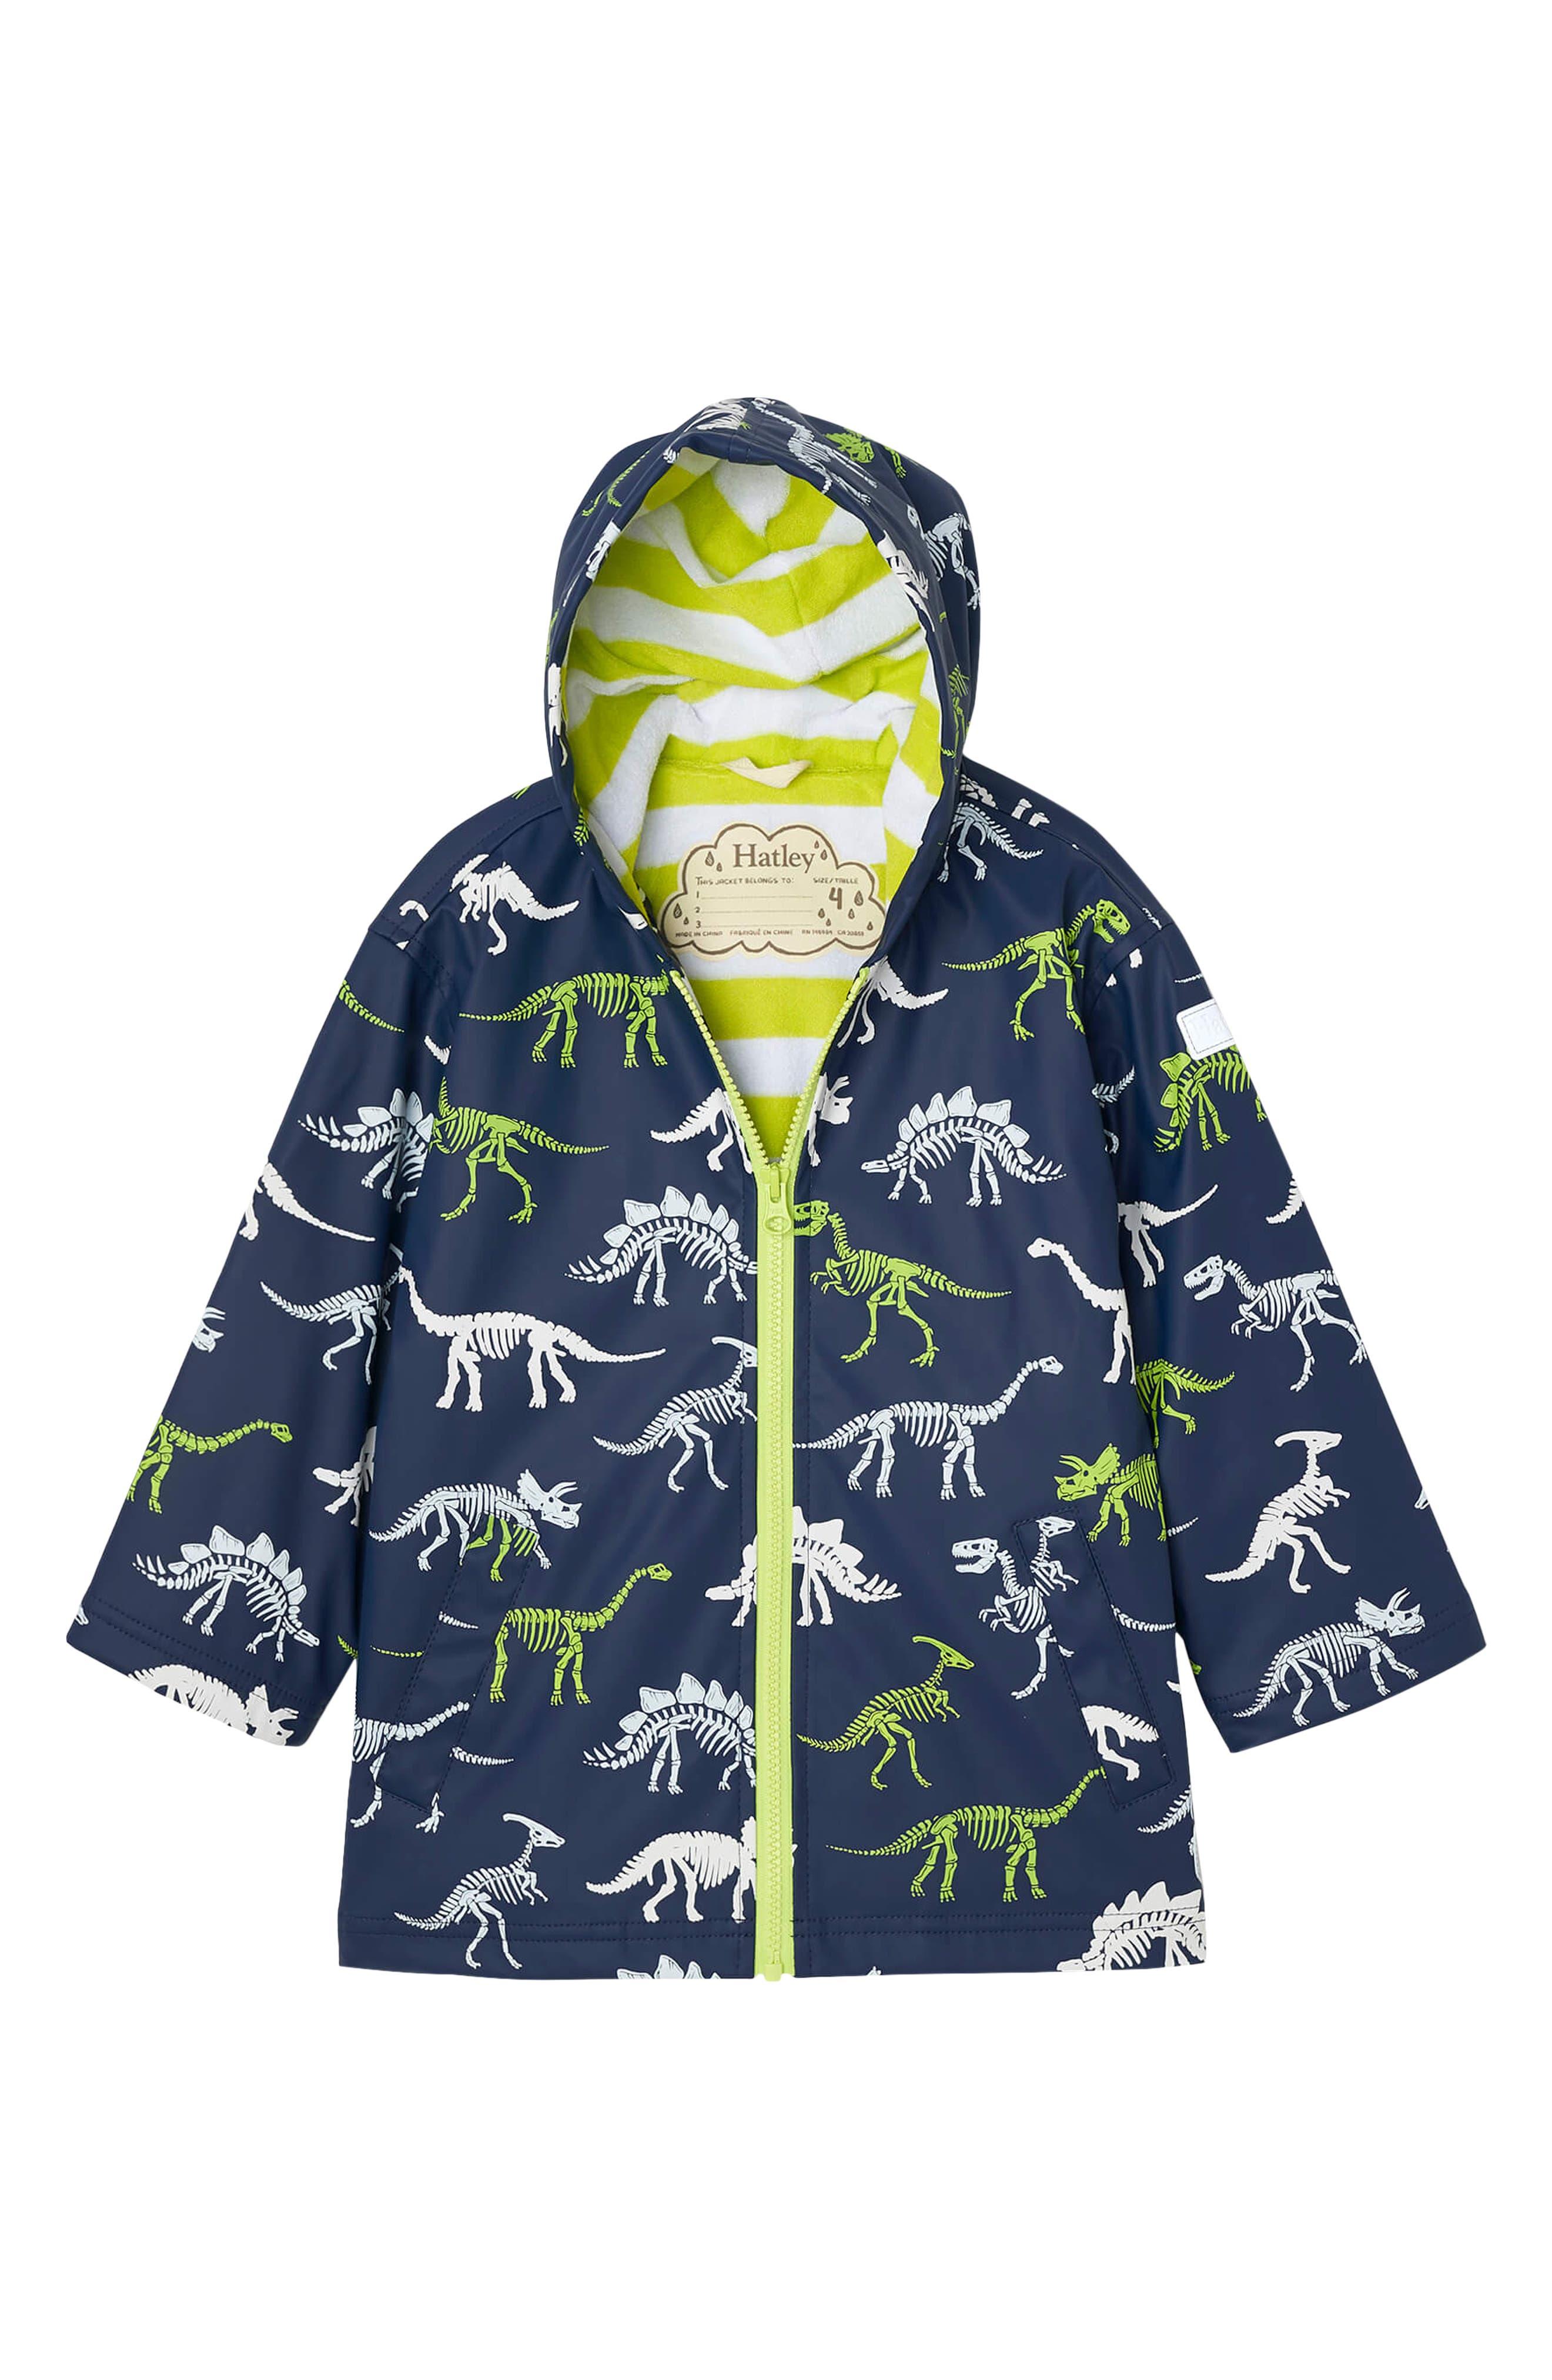 Color Kids Boys Regenset Mit Aufdruck Rain Jacket